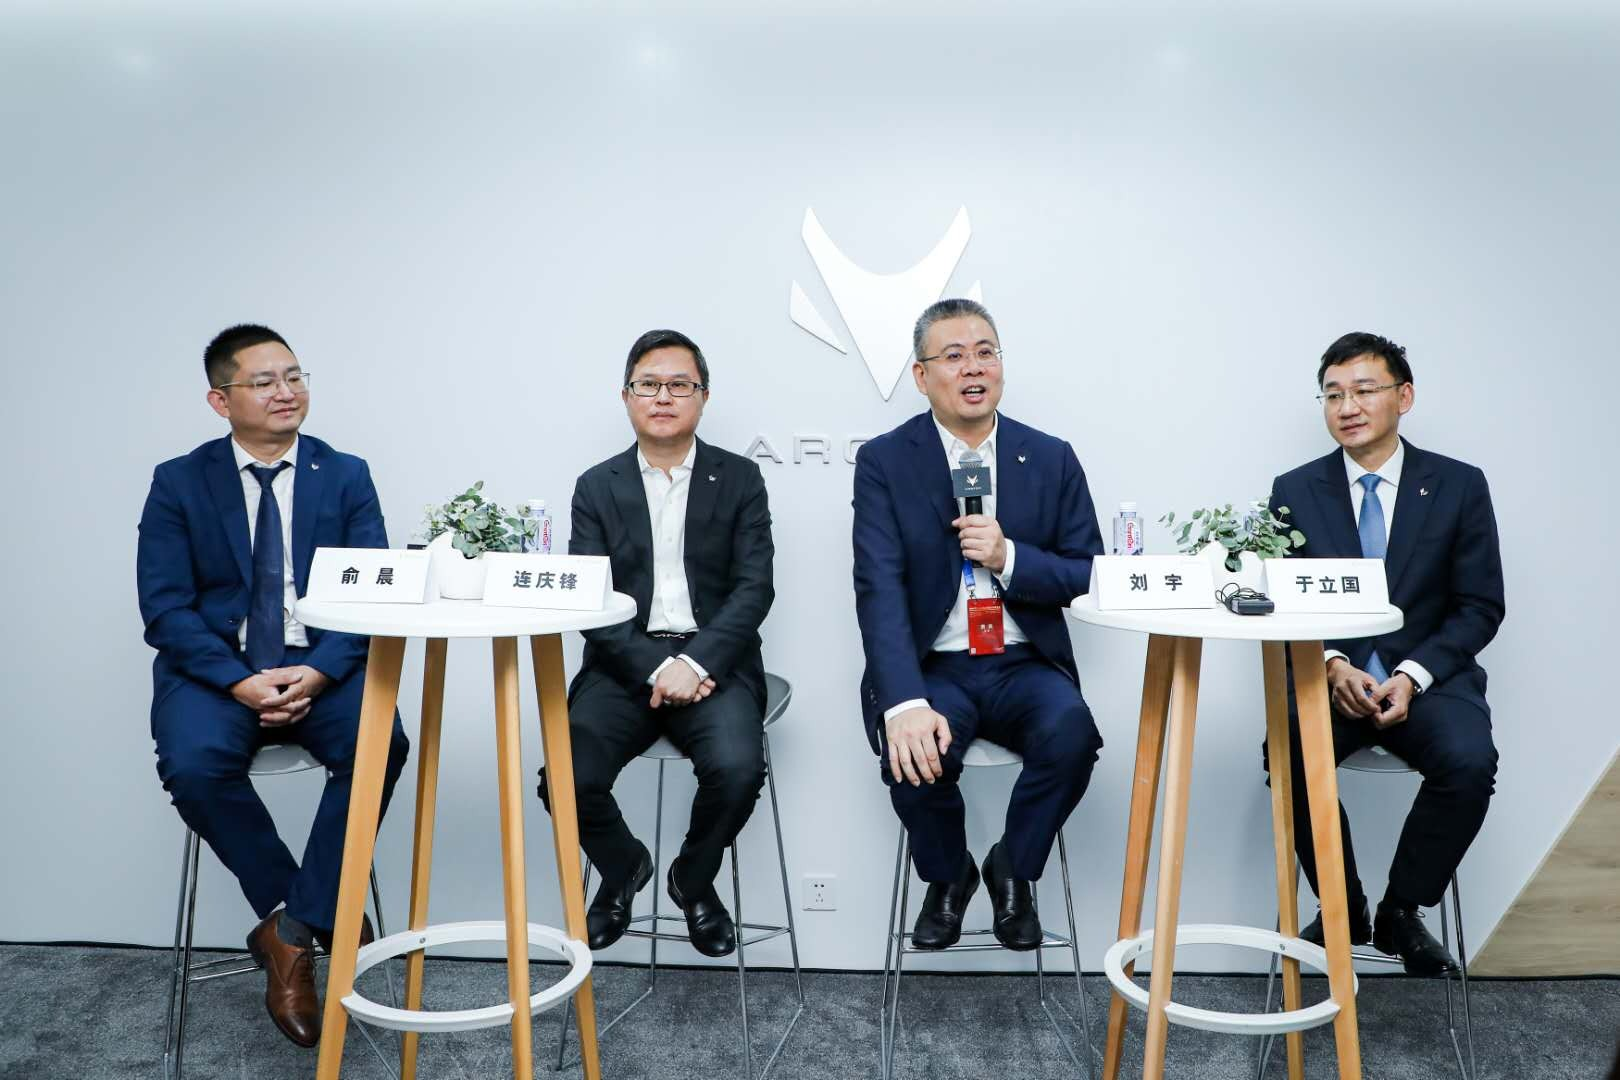 刘宇:ARCFOX αT完爆40万以内燃油车